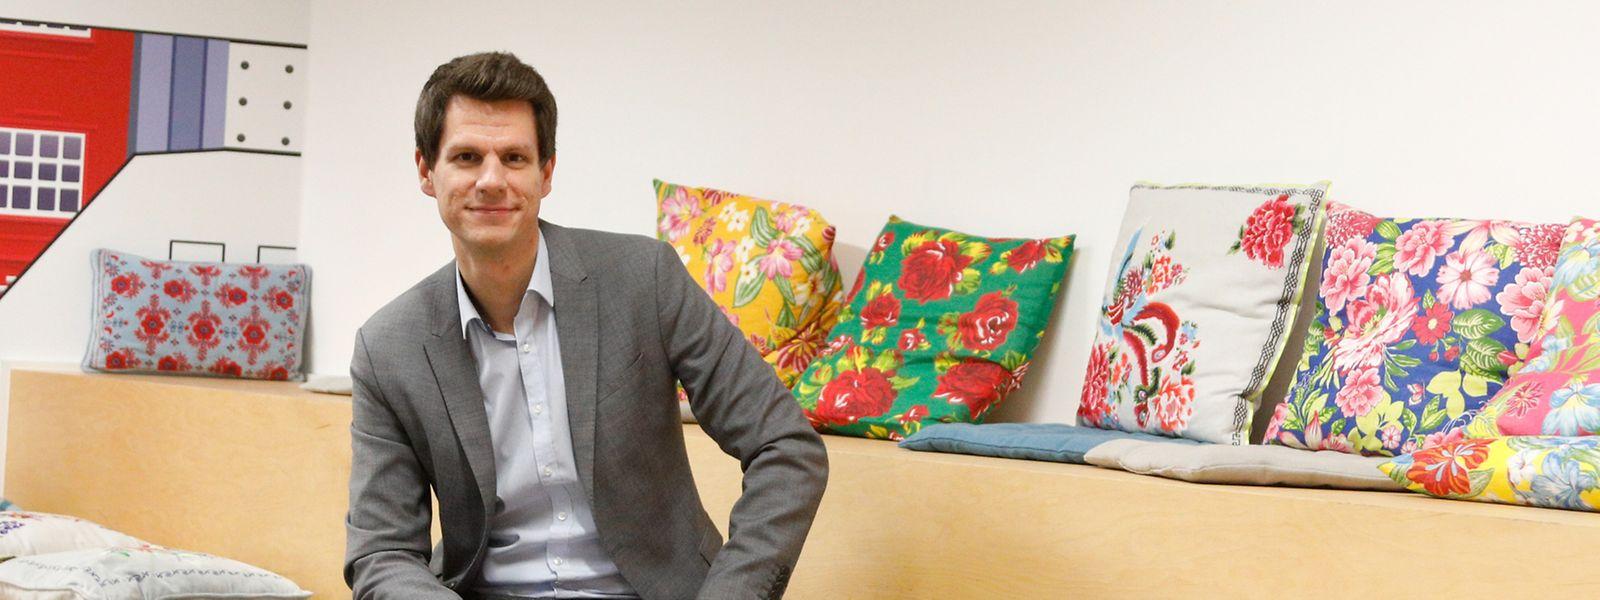 Philippe Linster entend notamment s'inspirer du modèle de start-up nation israélienne